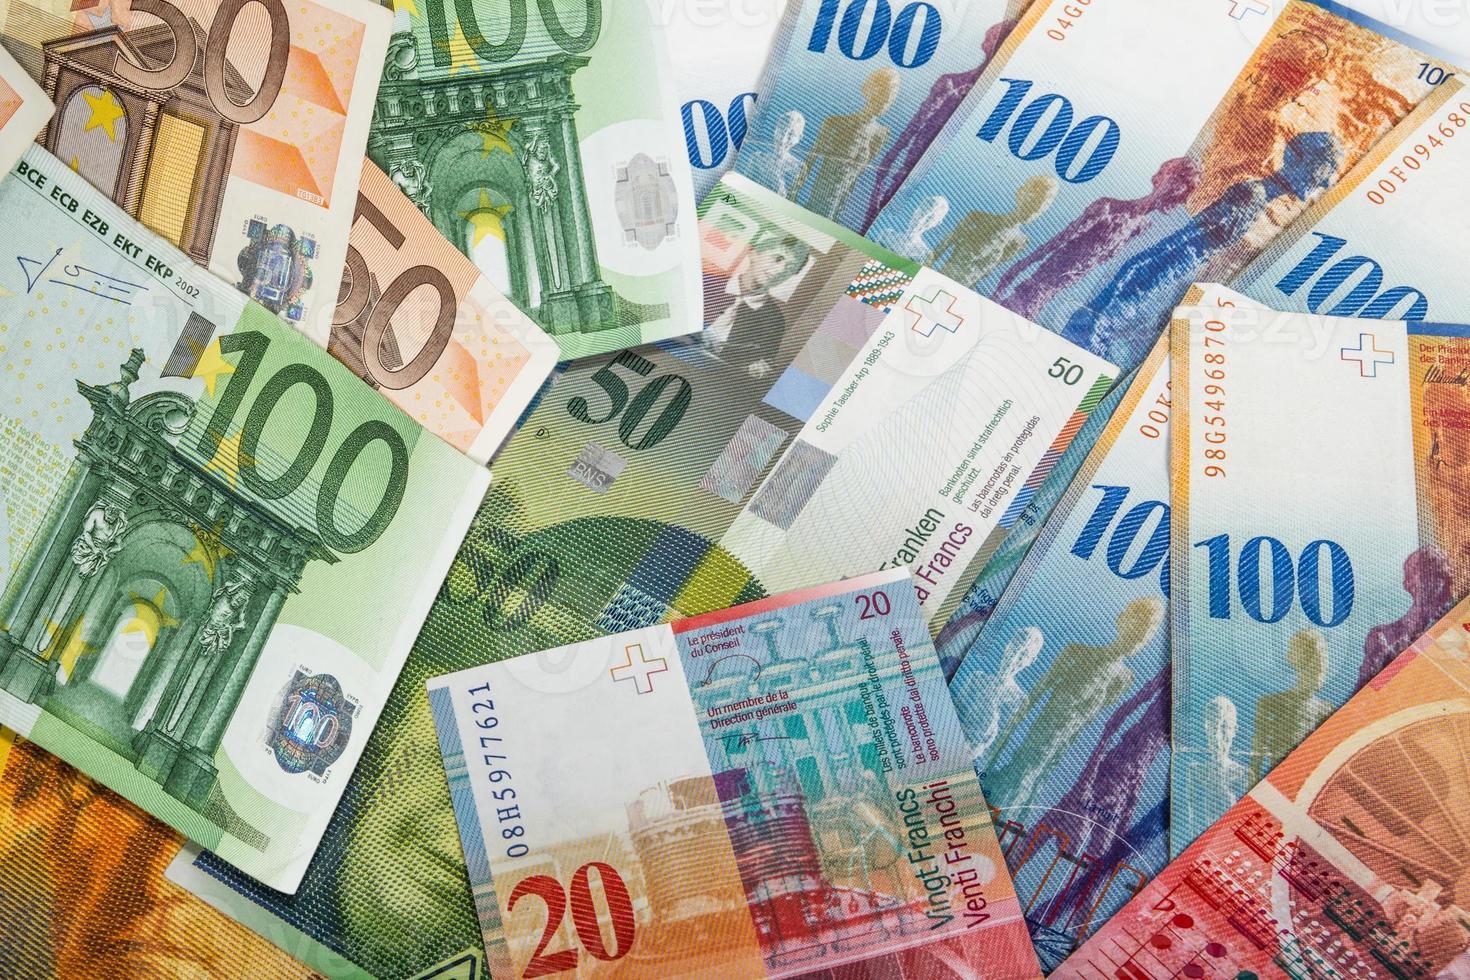 banconote svizzere ed ue foto